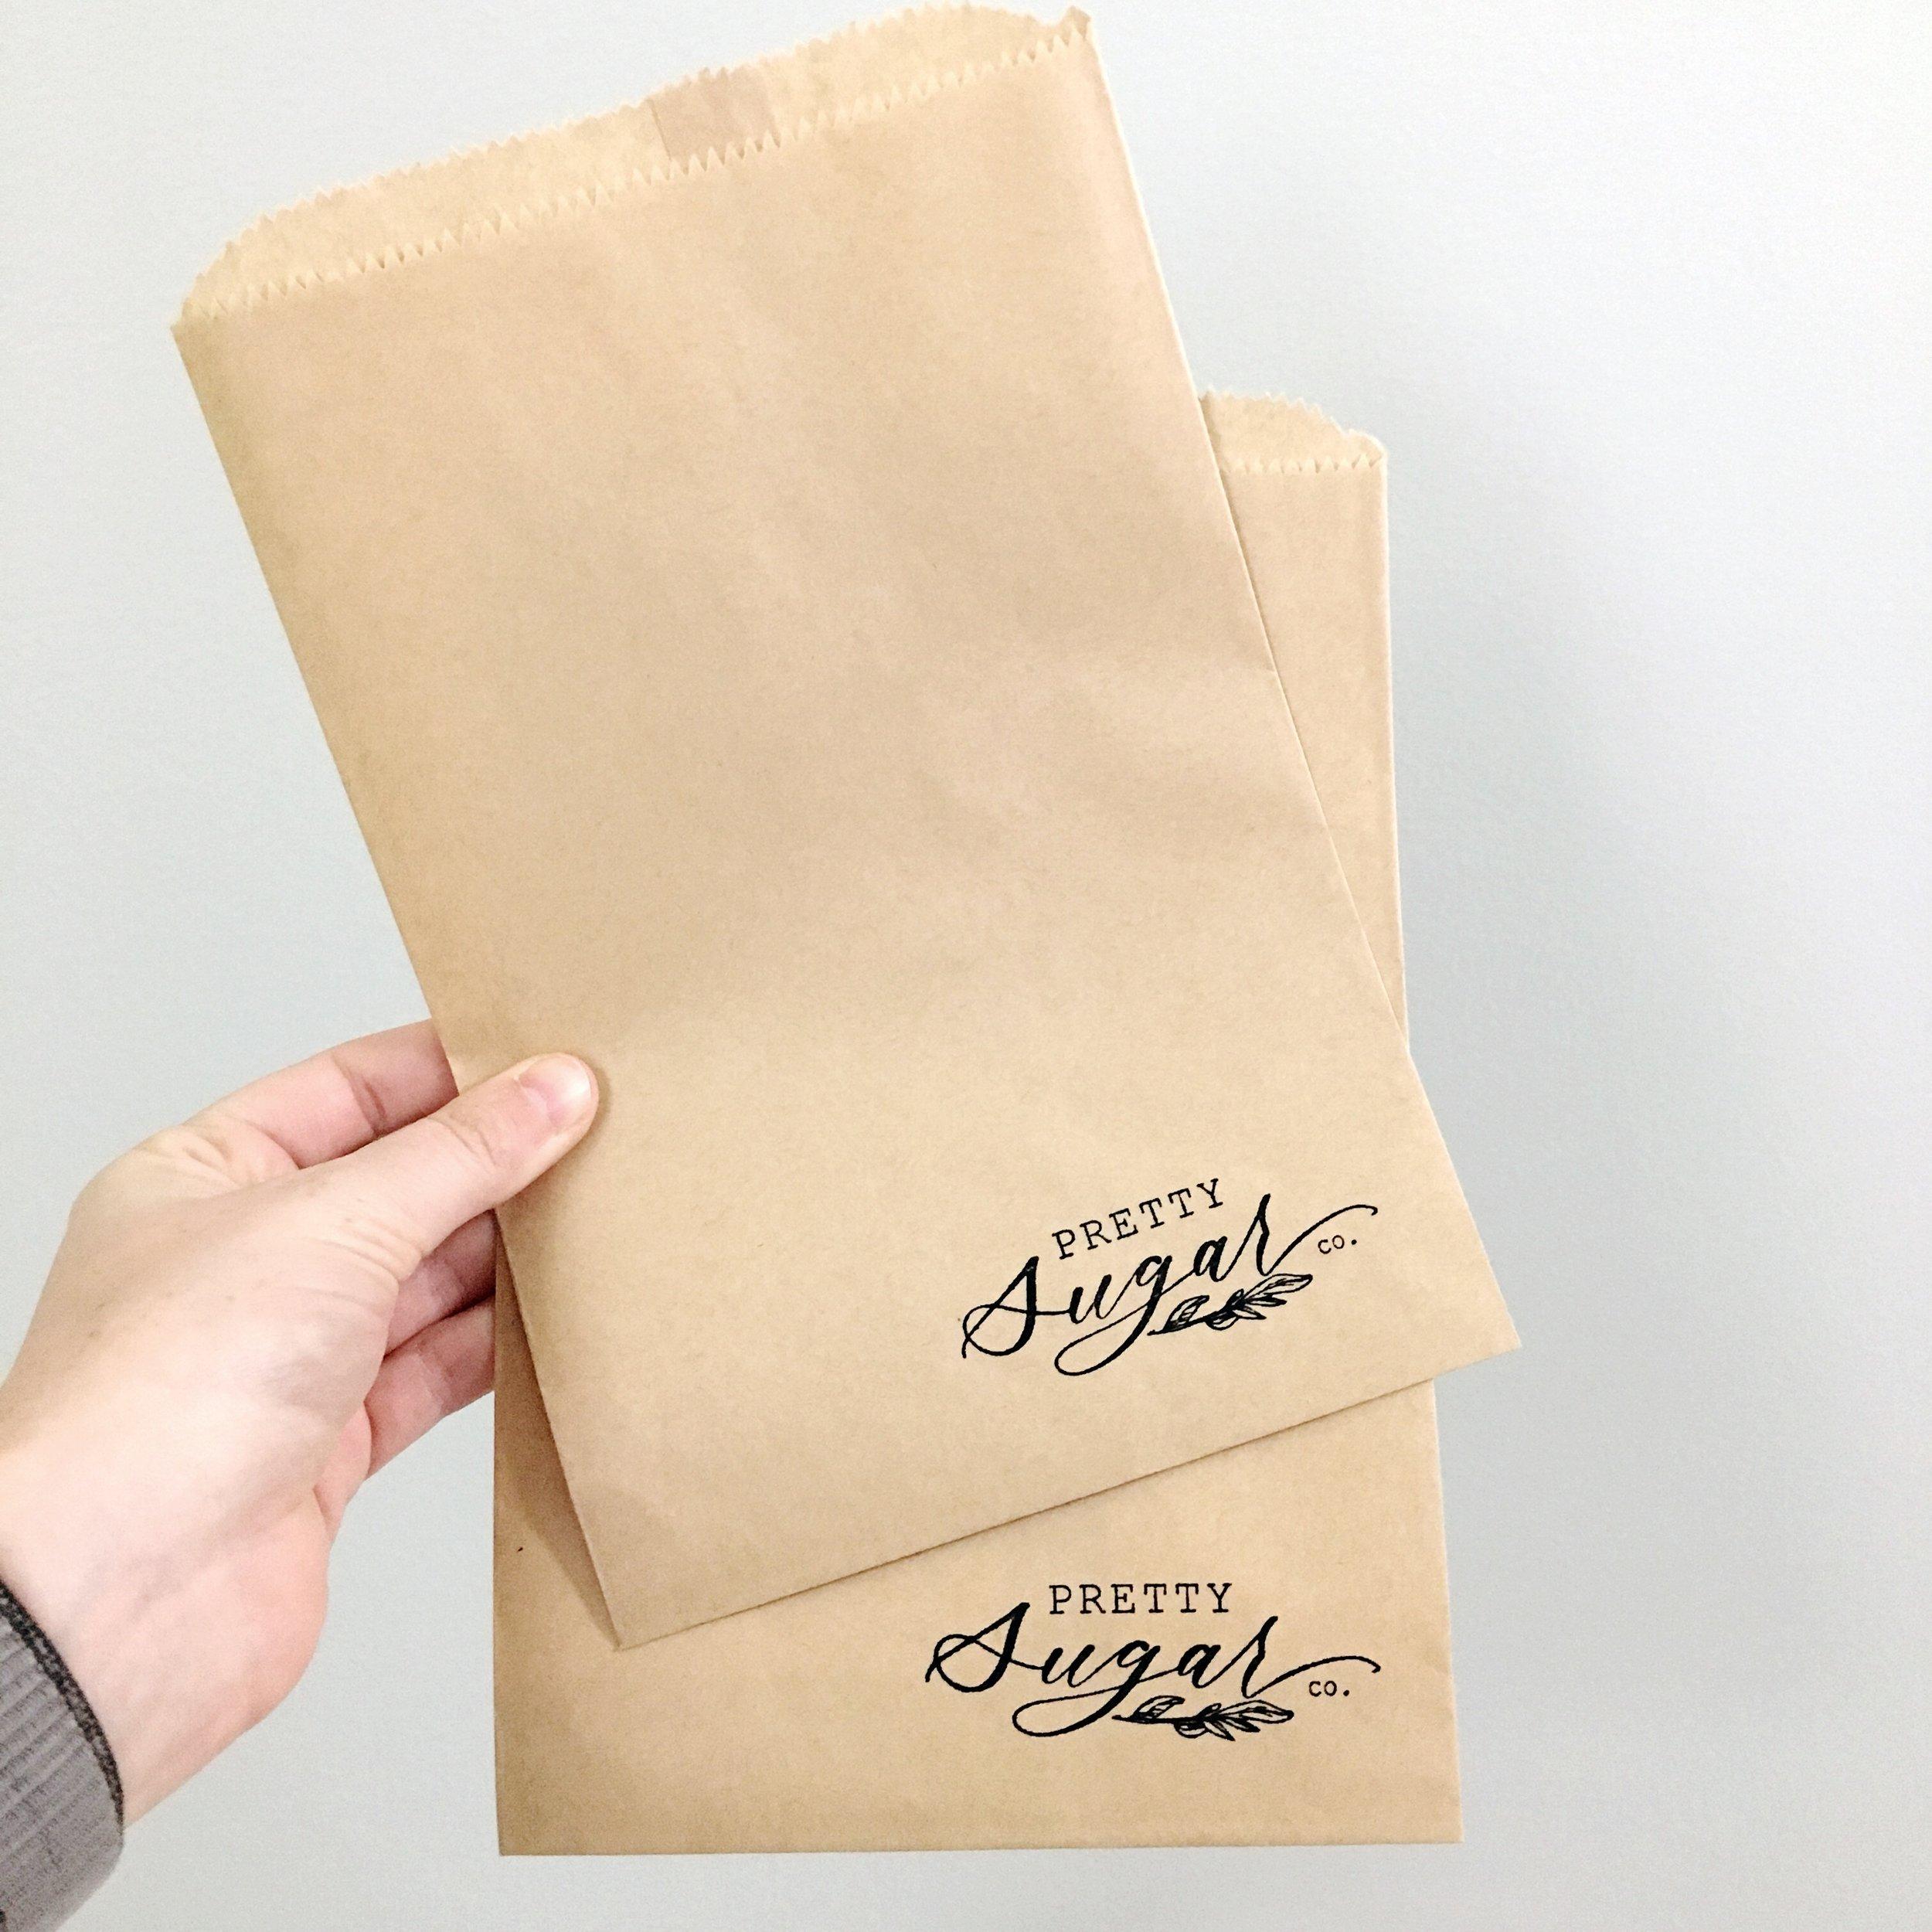 Creatiate Stamps Packaging Ideas - The Creatiate DIY Blog _0491.jpg